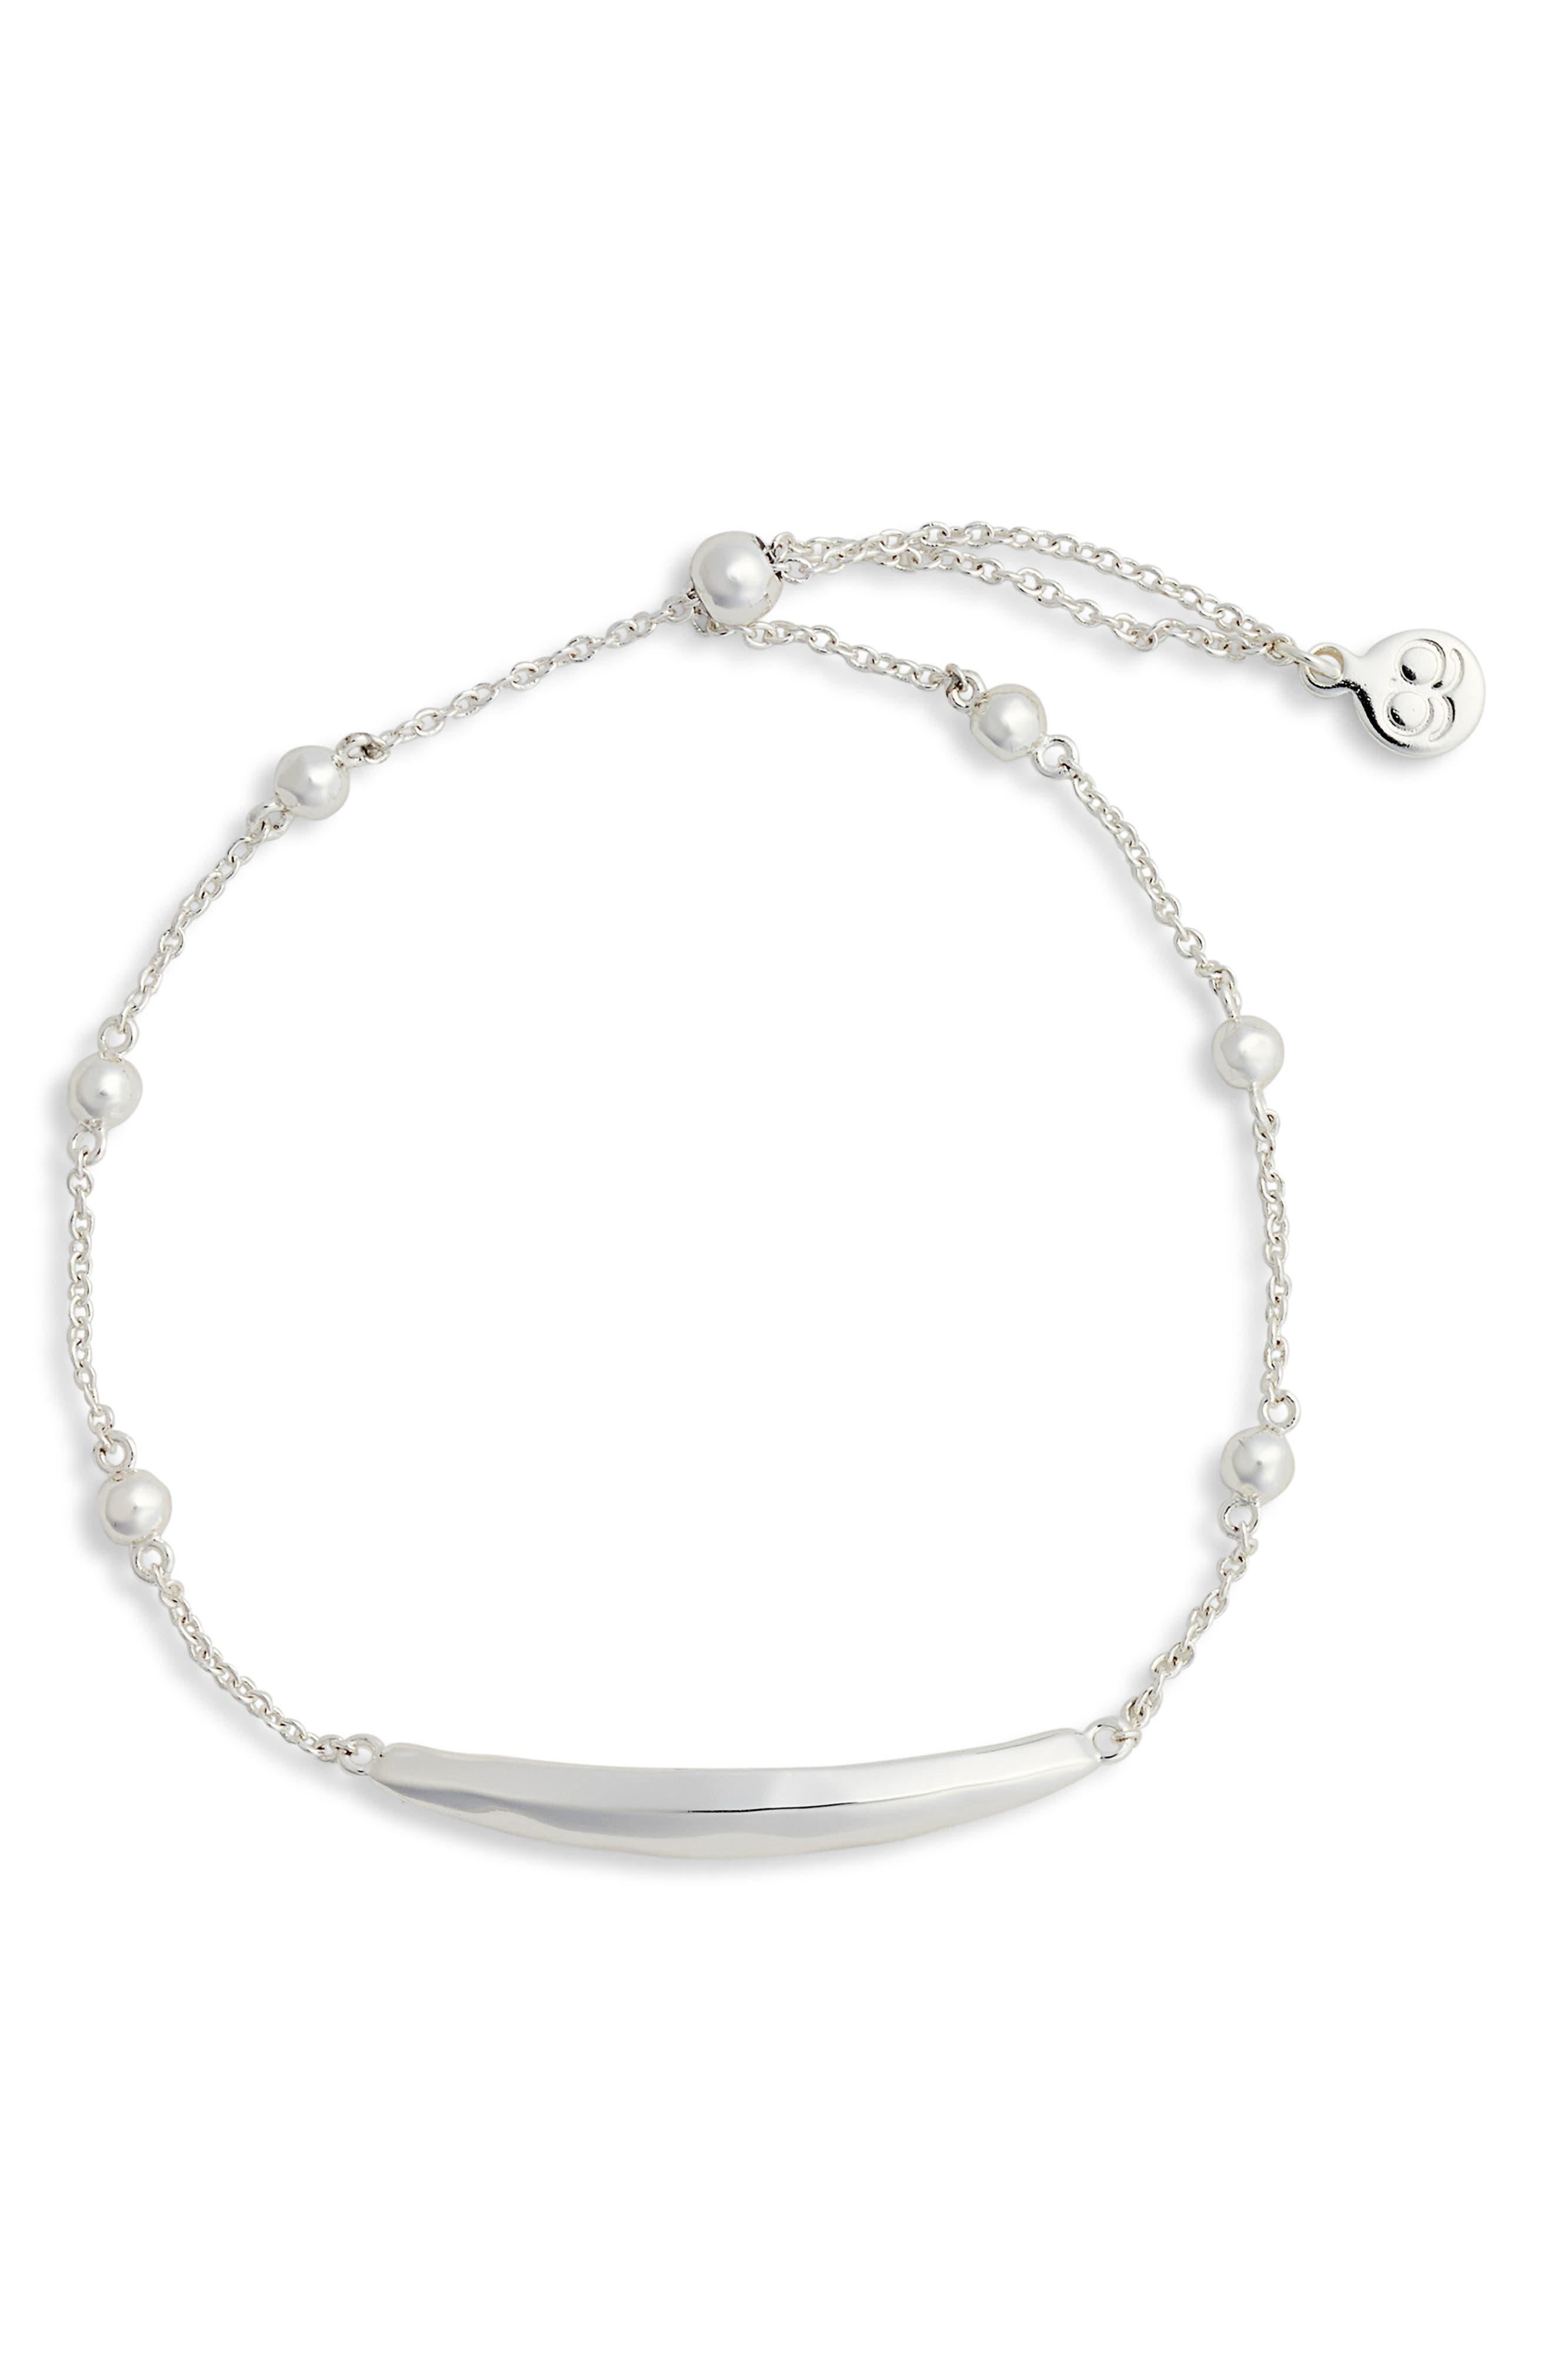 Kellen Adjustable Bracelet,                             Main thumbnail 1, color,                             040